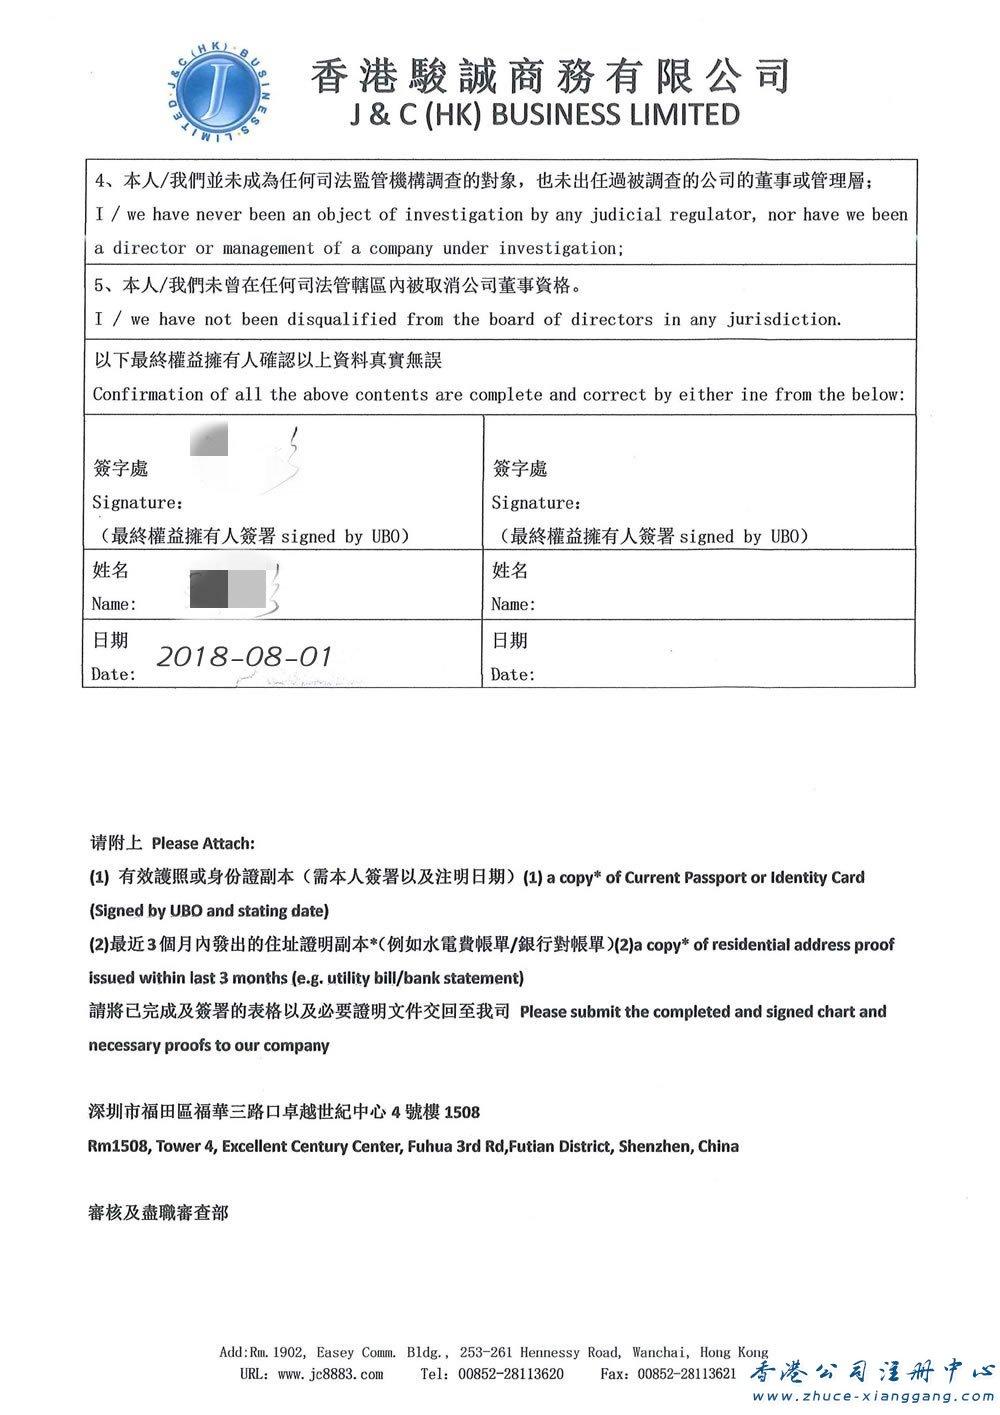 香港公司KYC表格(尽职审查表)样本_4